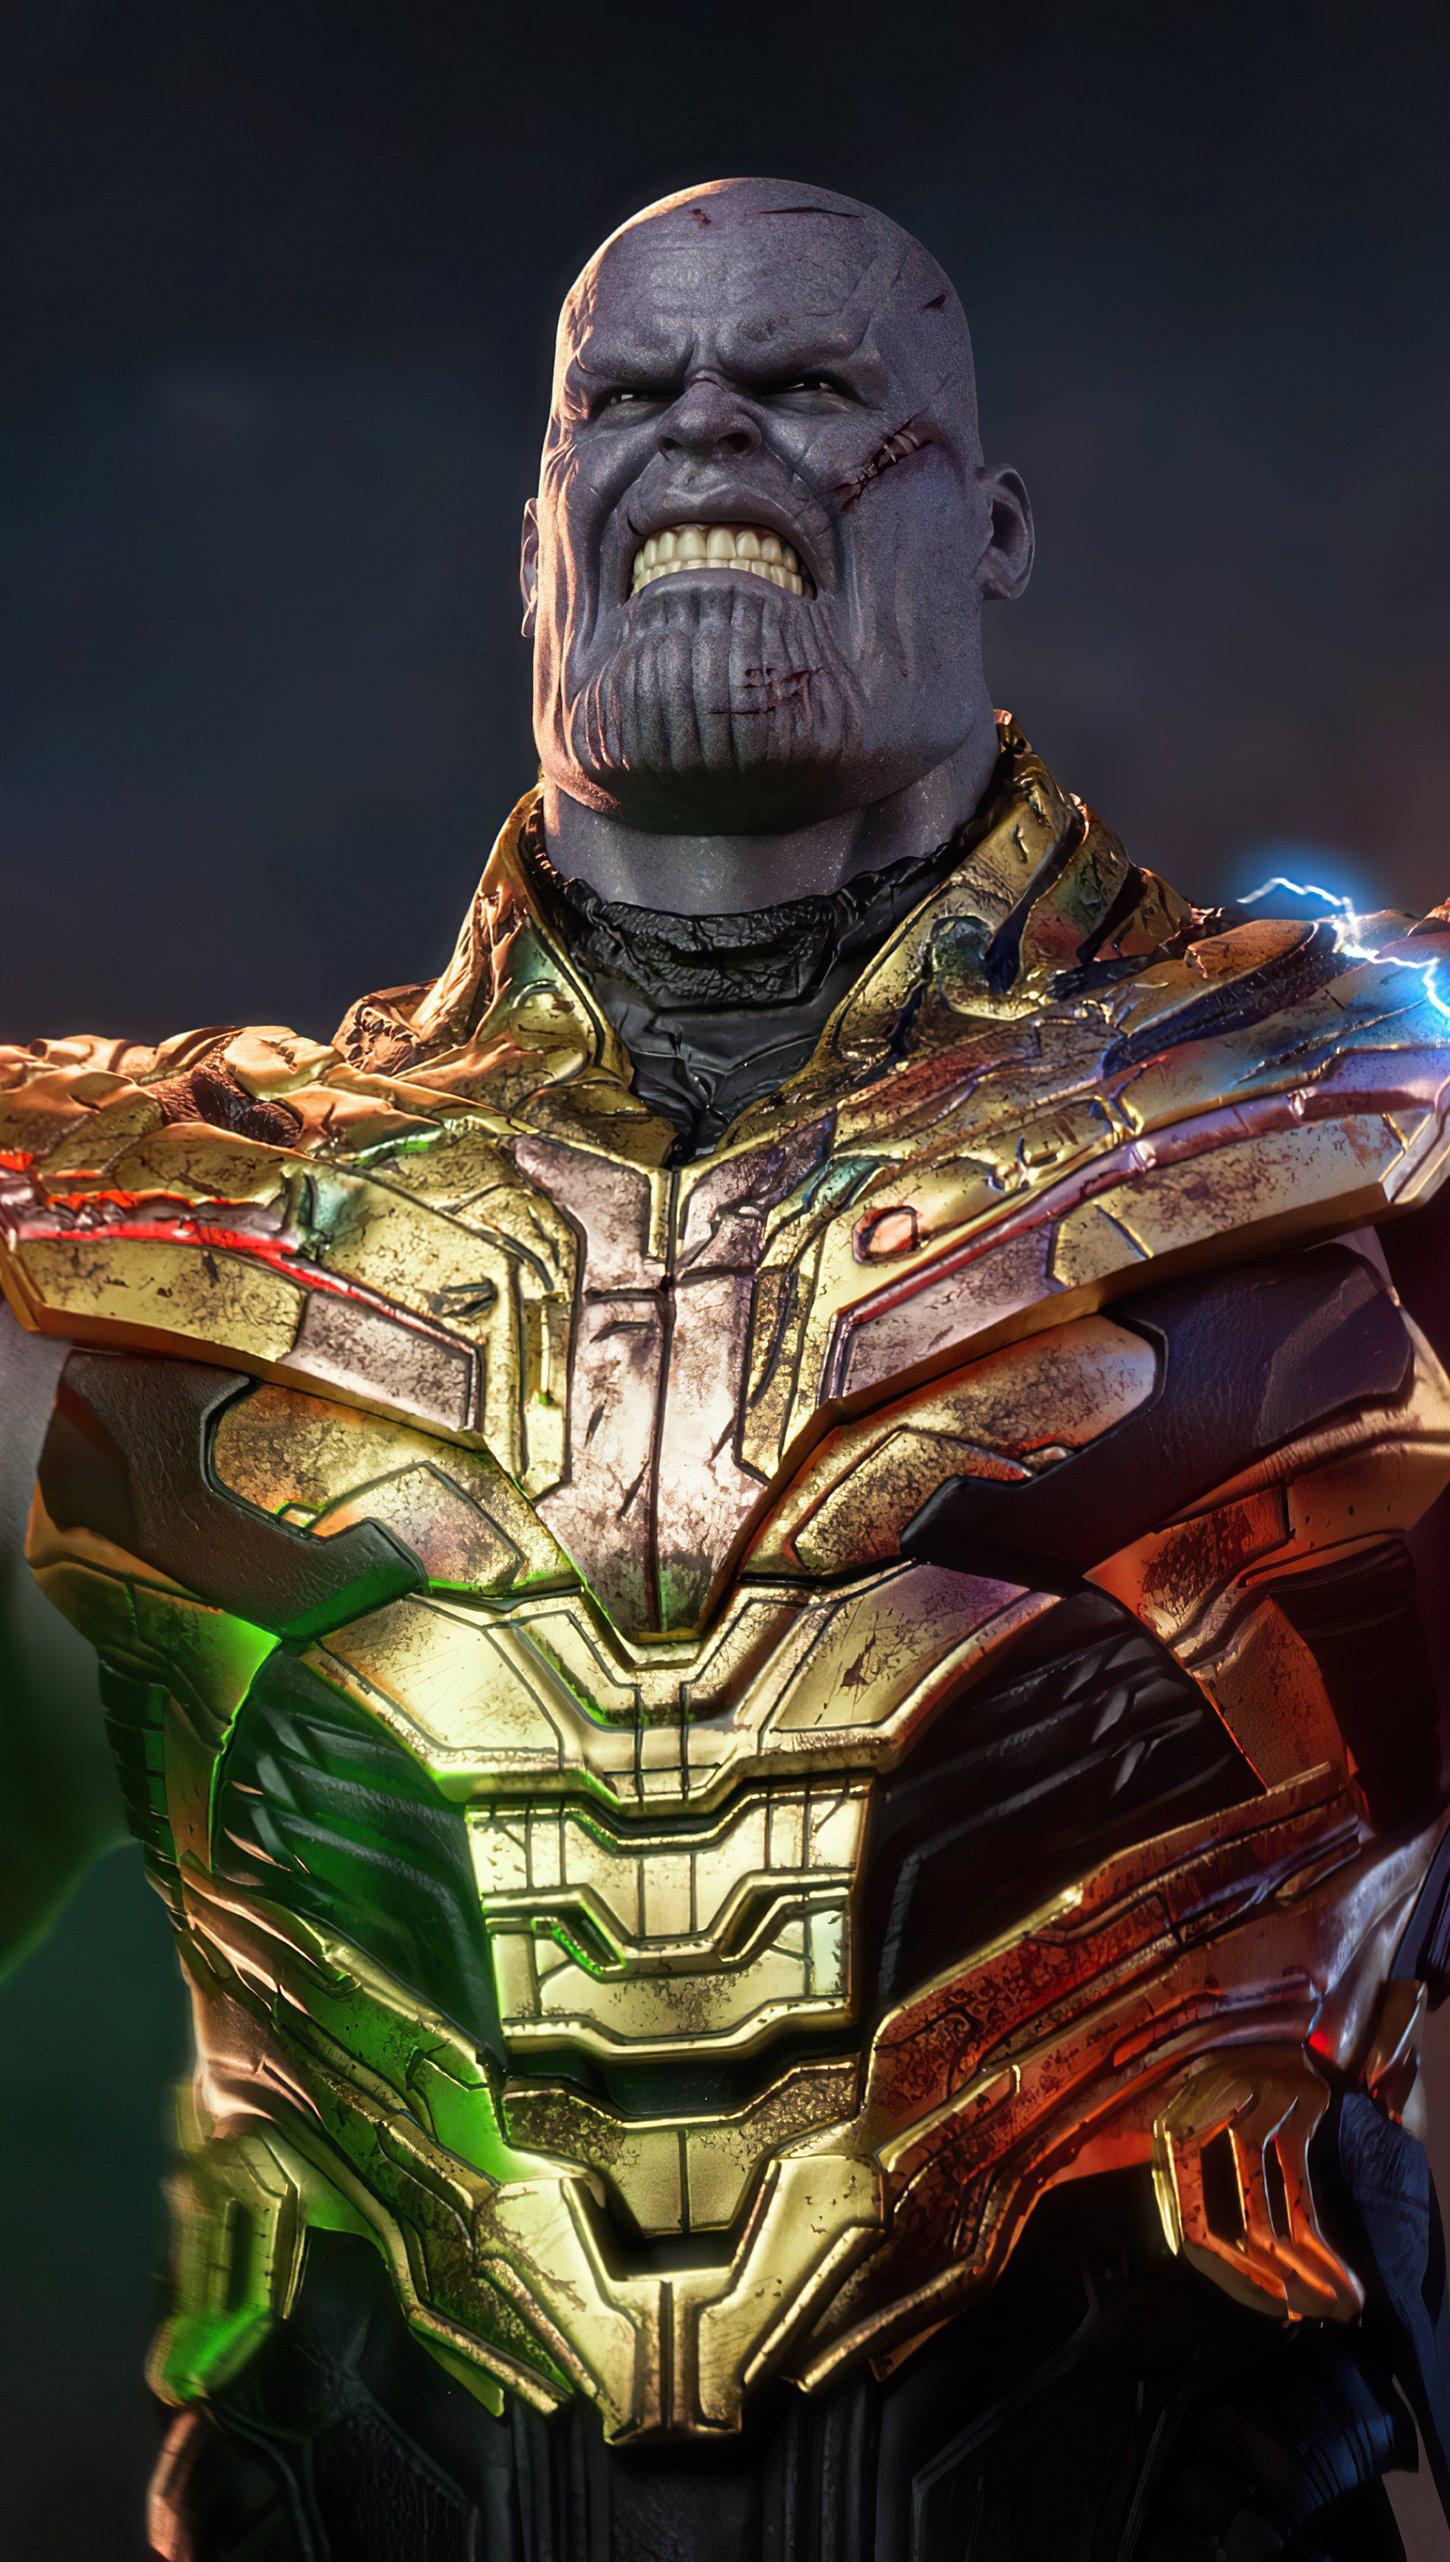 Fondos de pantalla Thanos El mundo es mío Vertical